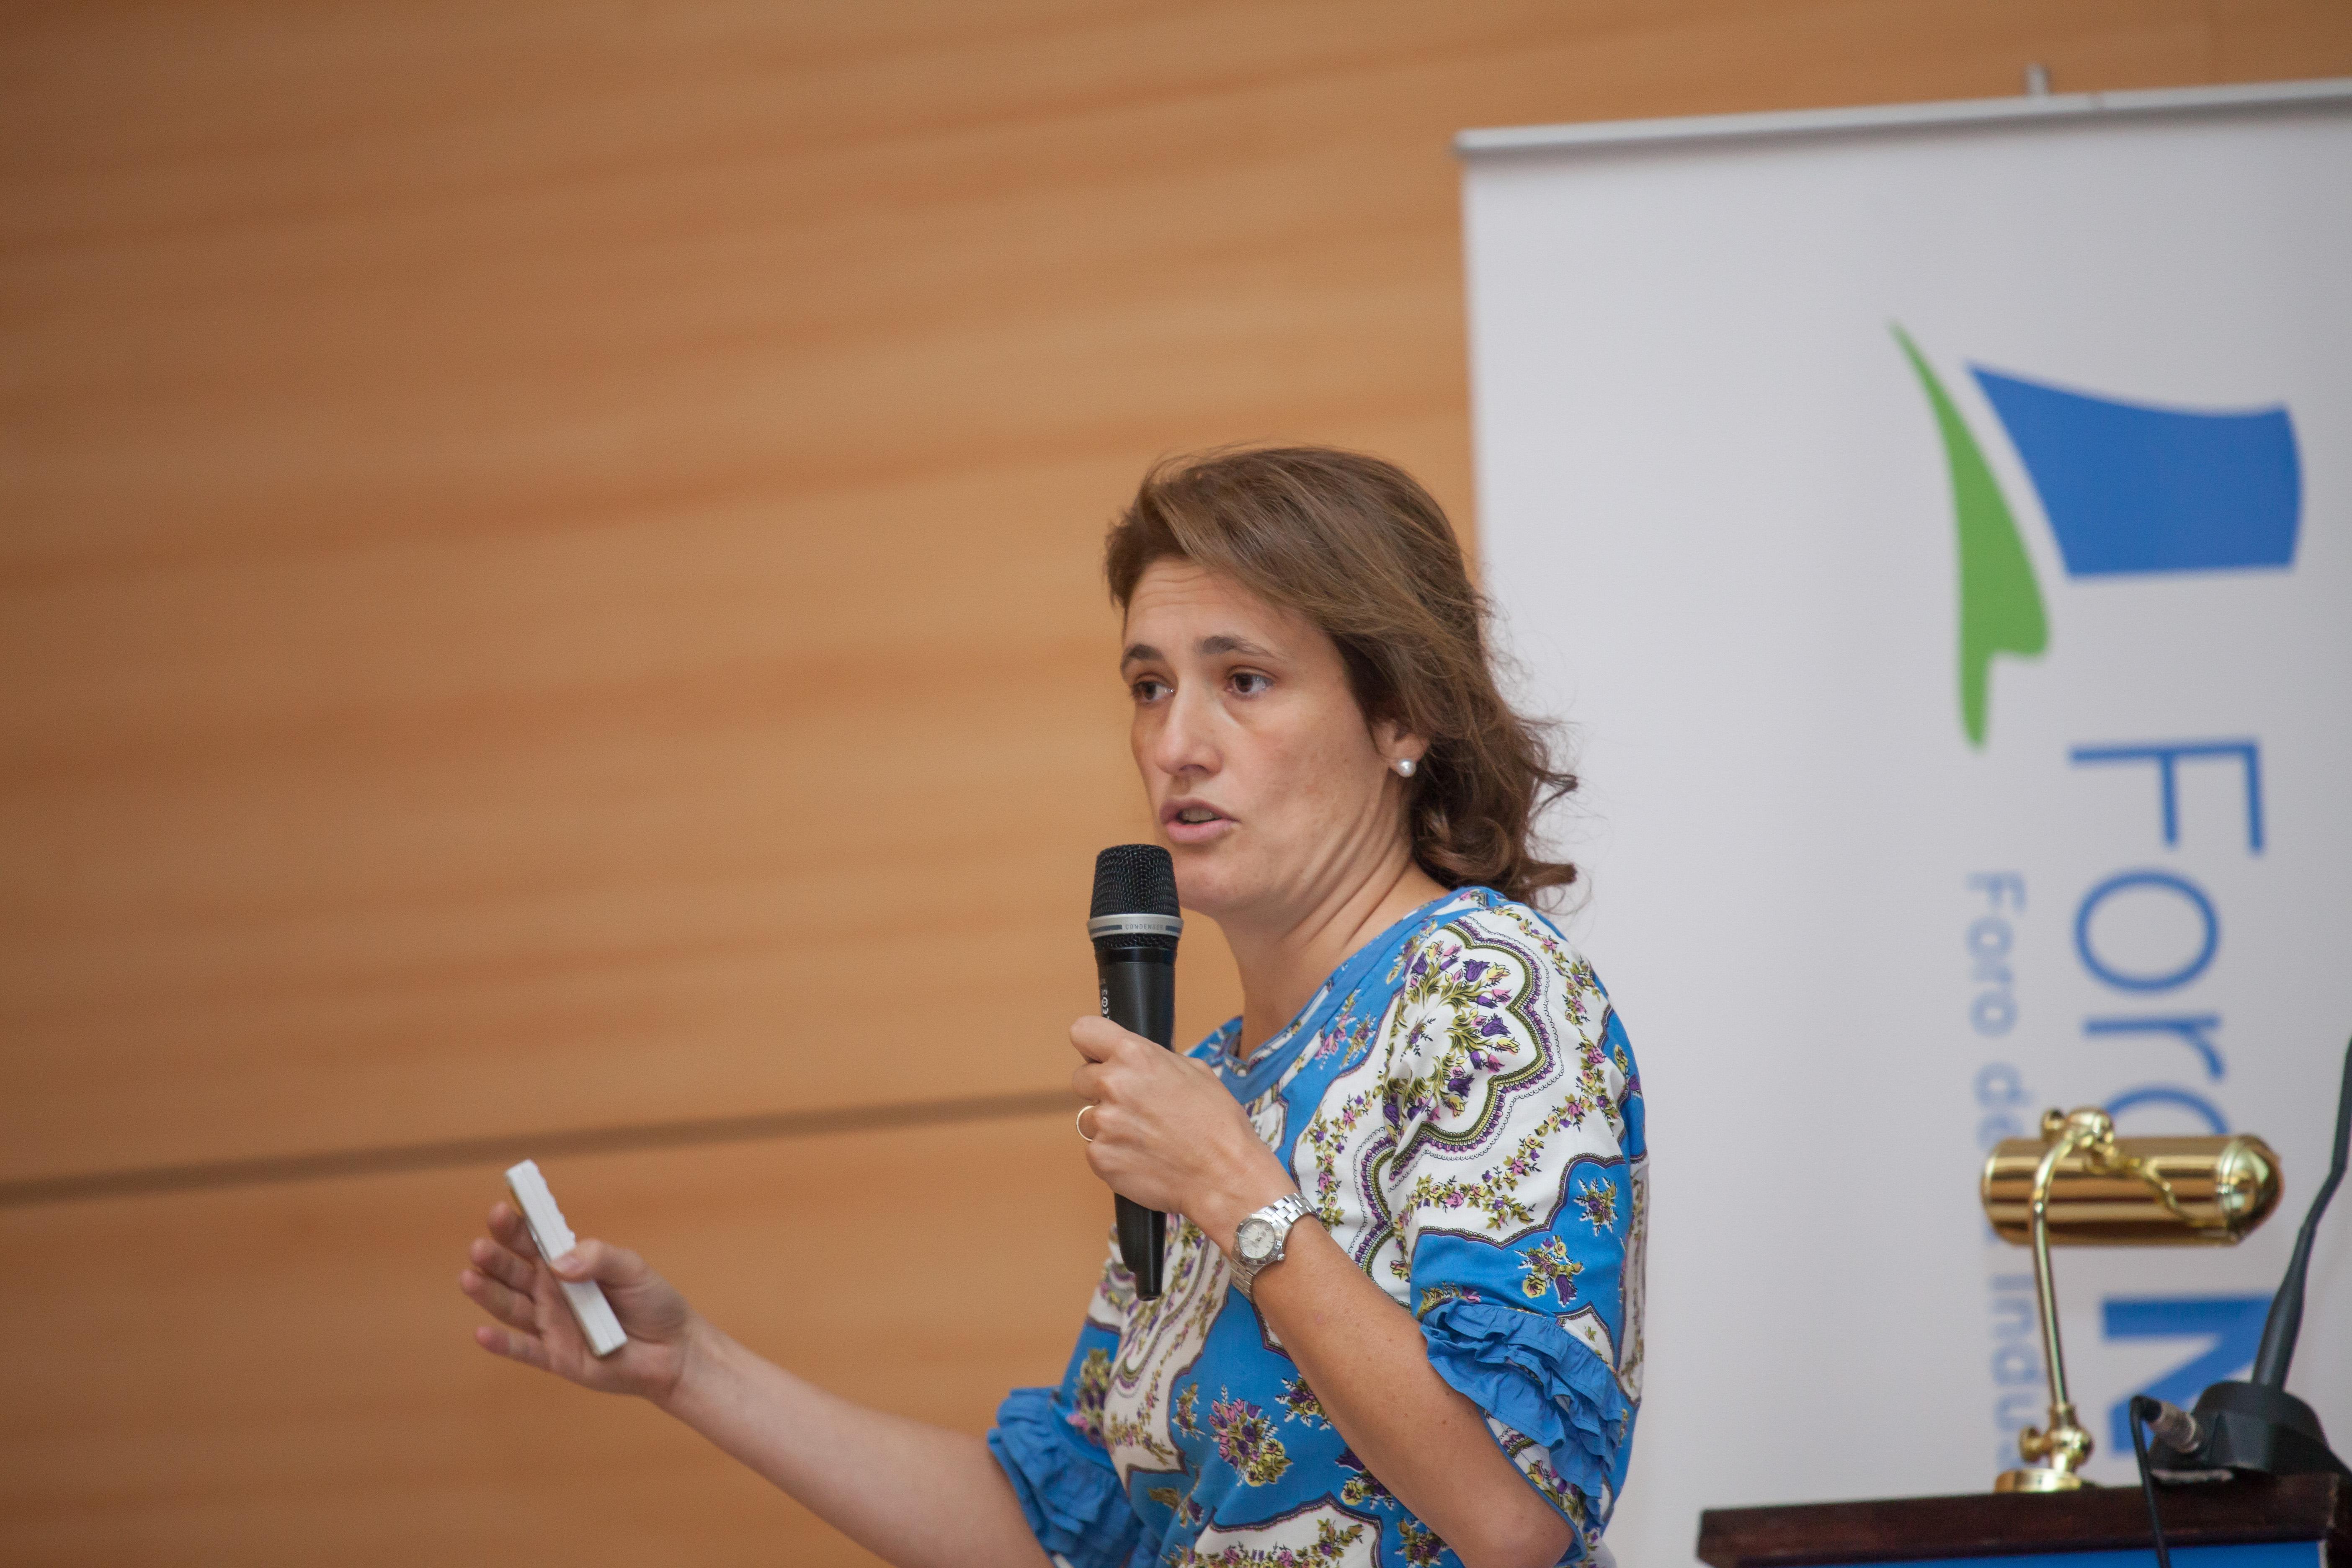 Ester Sevilla